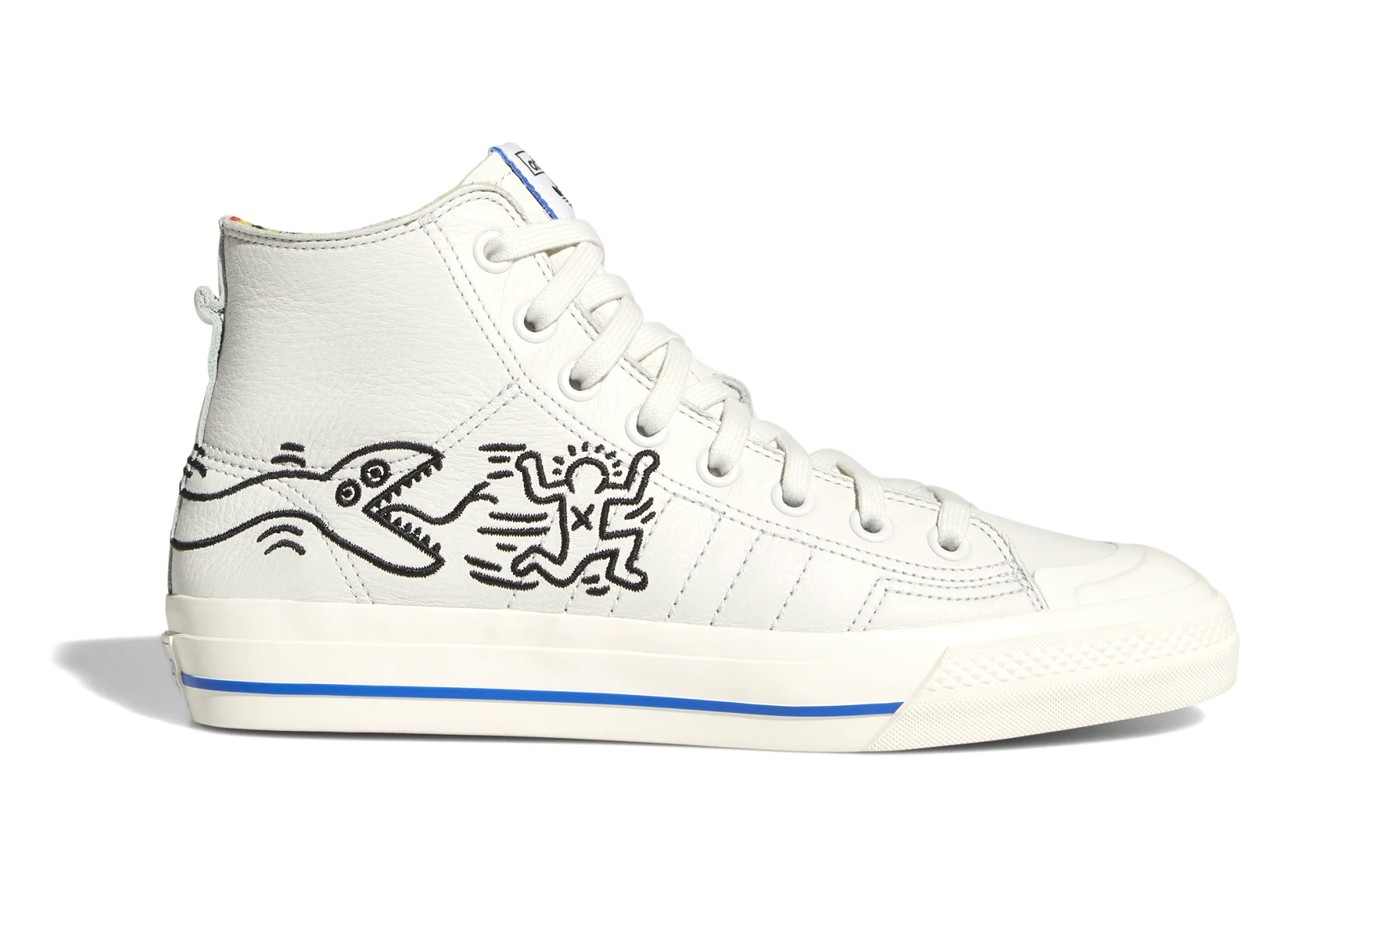 Keith Haring x Adidas